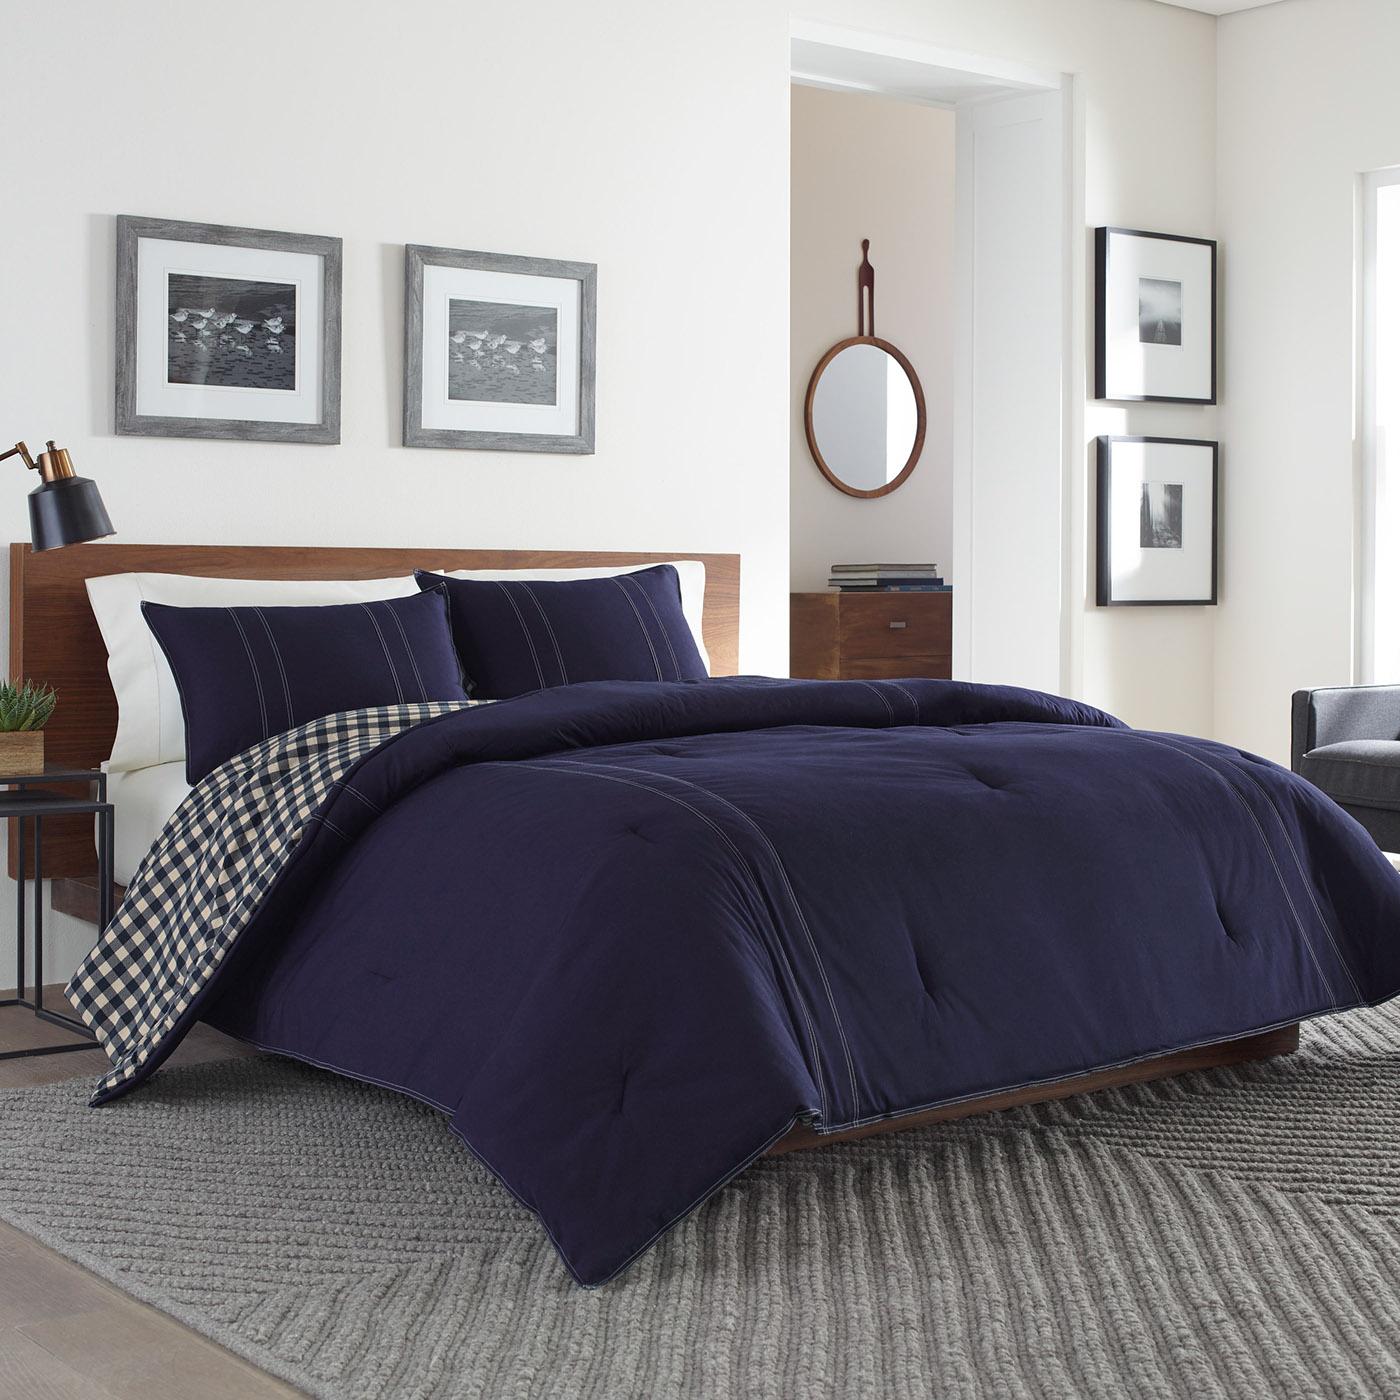 bauer behance bed on gallery eddie bedding